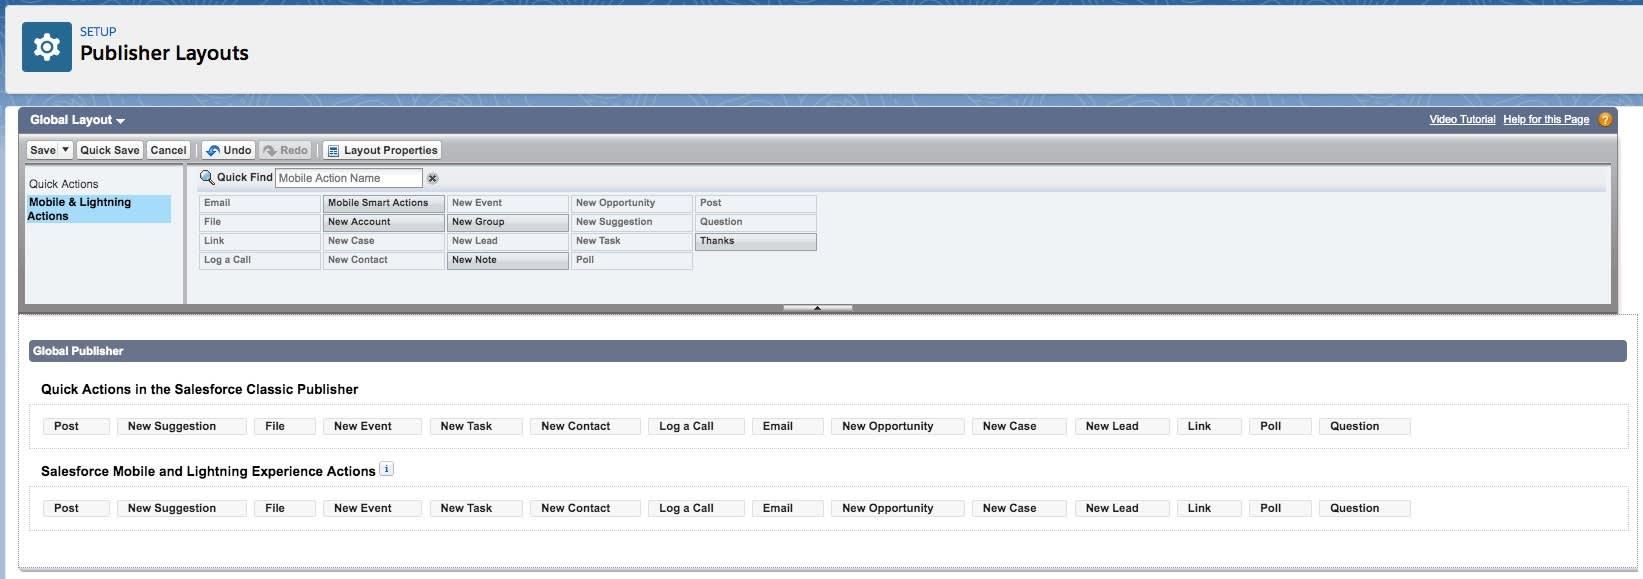 Captura de tela de Publisher Layouts (Layouts do editor) com Mobile and Lightning Actions (Ações do Mobile e do Lightning) em destaque.